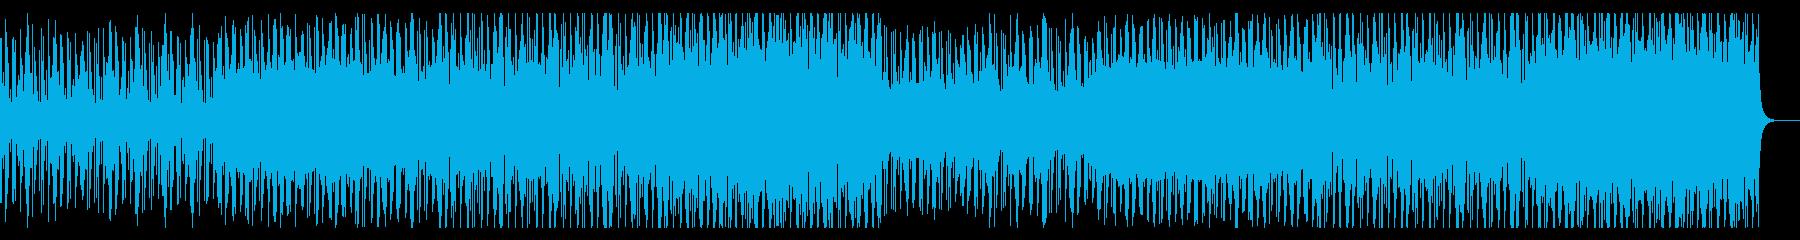 自然のなかで聴きたい(生命の芽吹き)の再生済みの波形